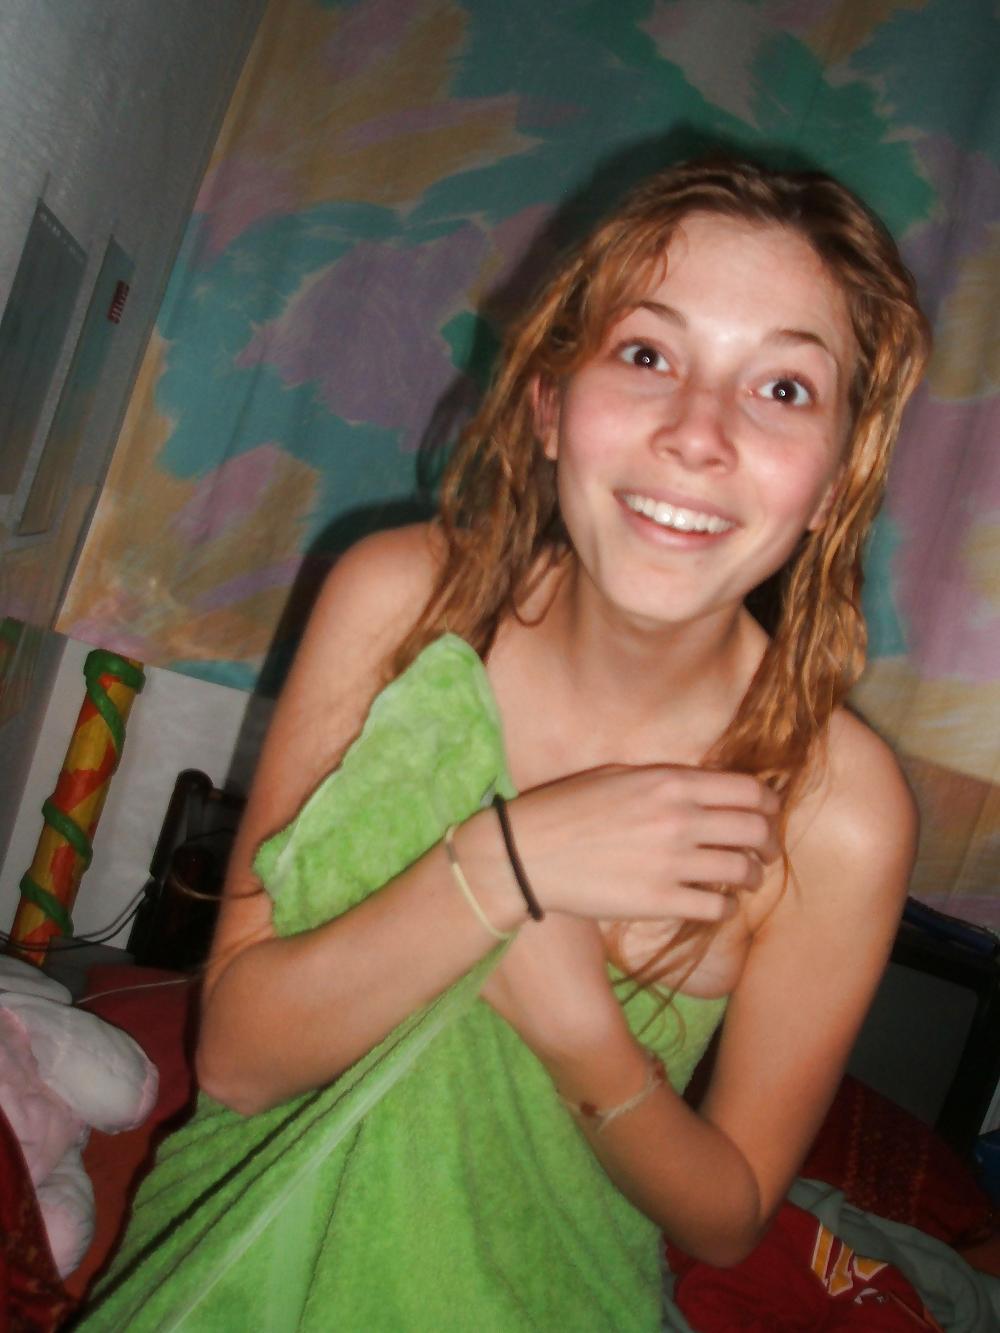 18-летняя девушка с влажными волосами бахвалится сиськами после душа